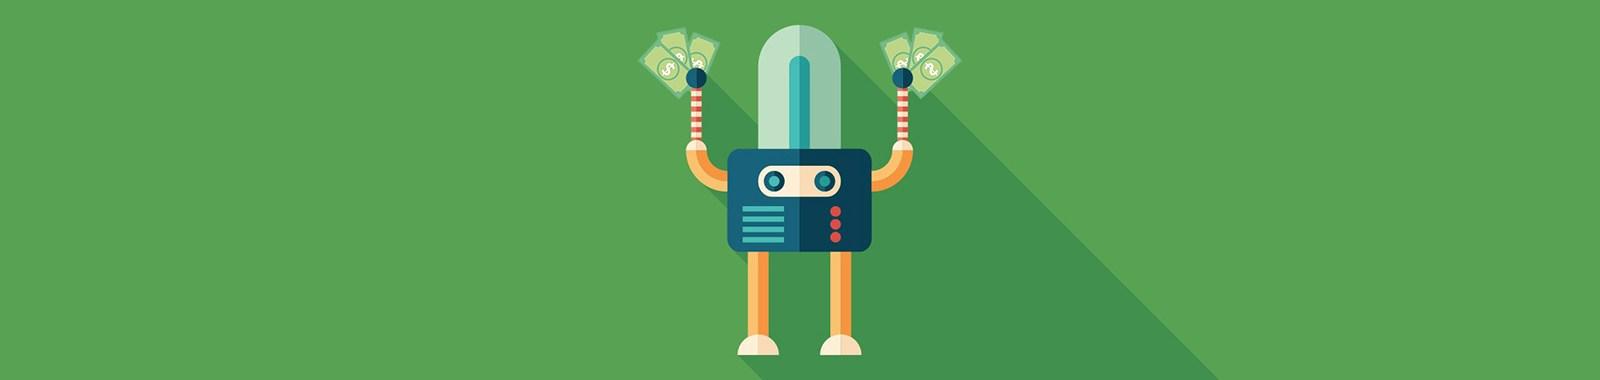 robot1600x440